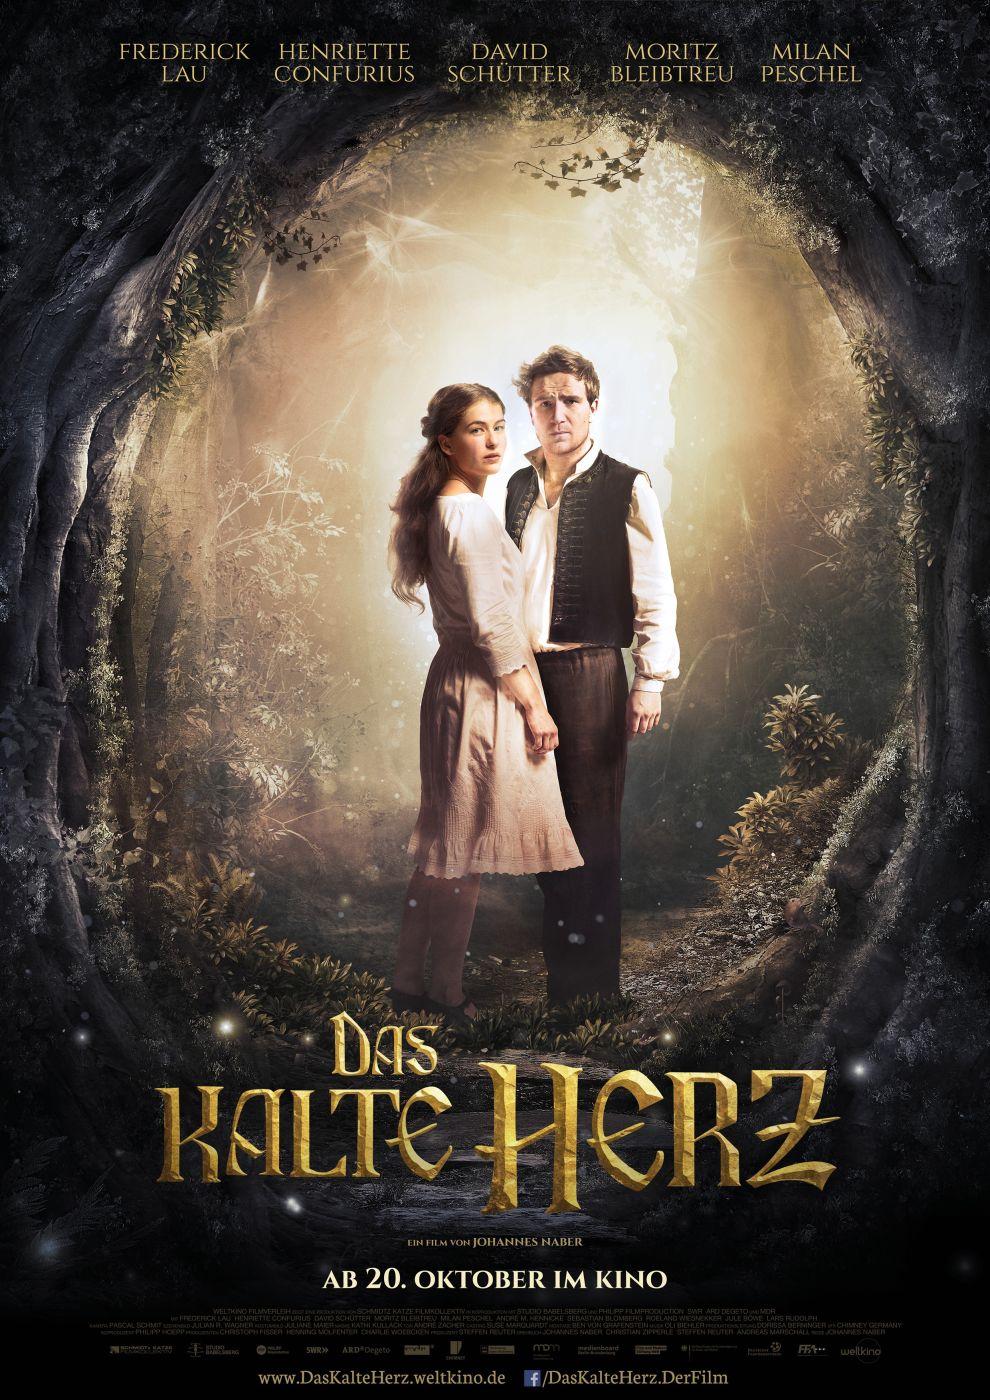 Film » Das kalte Herz | Deutsche Filmbewertung und Medienbewertung FBW